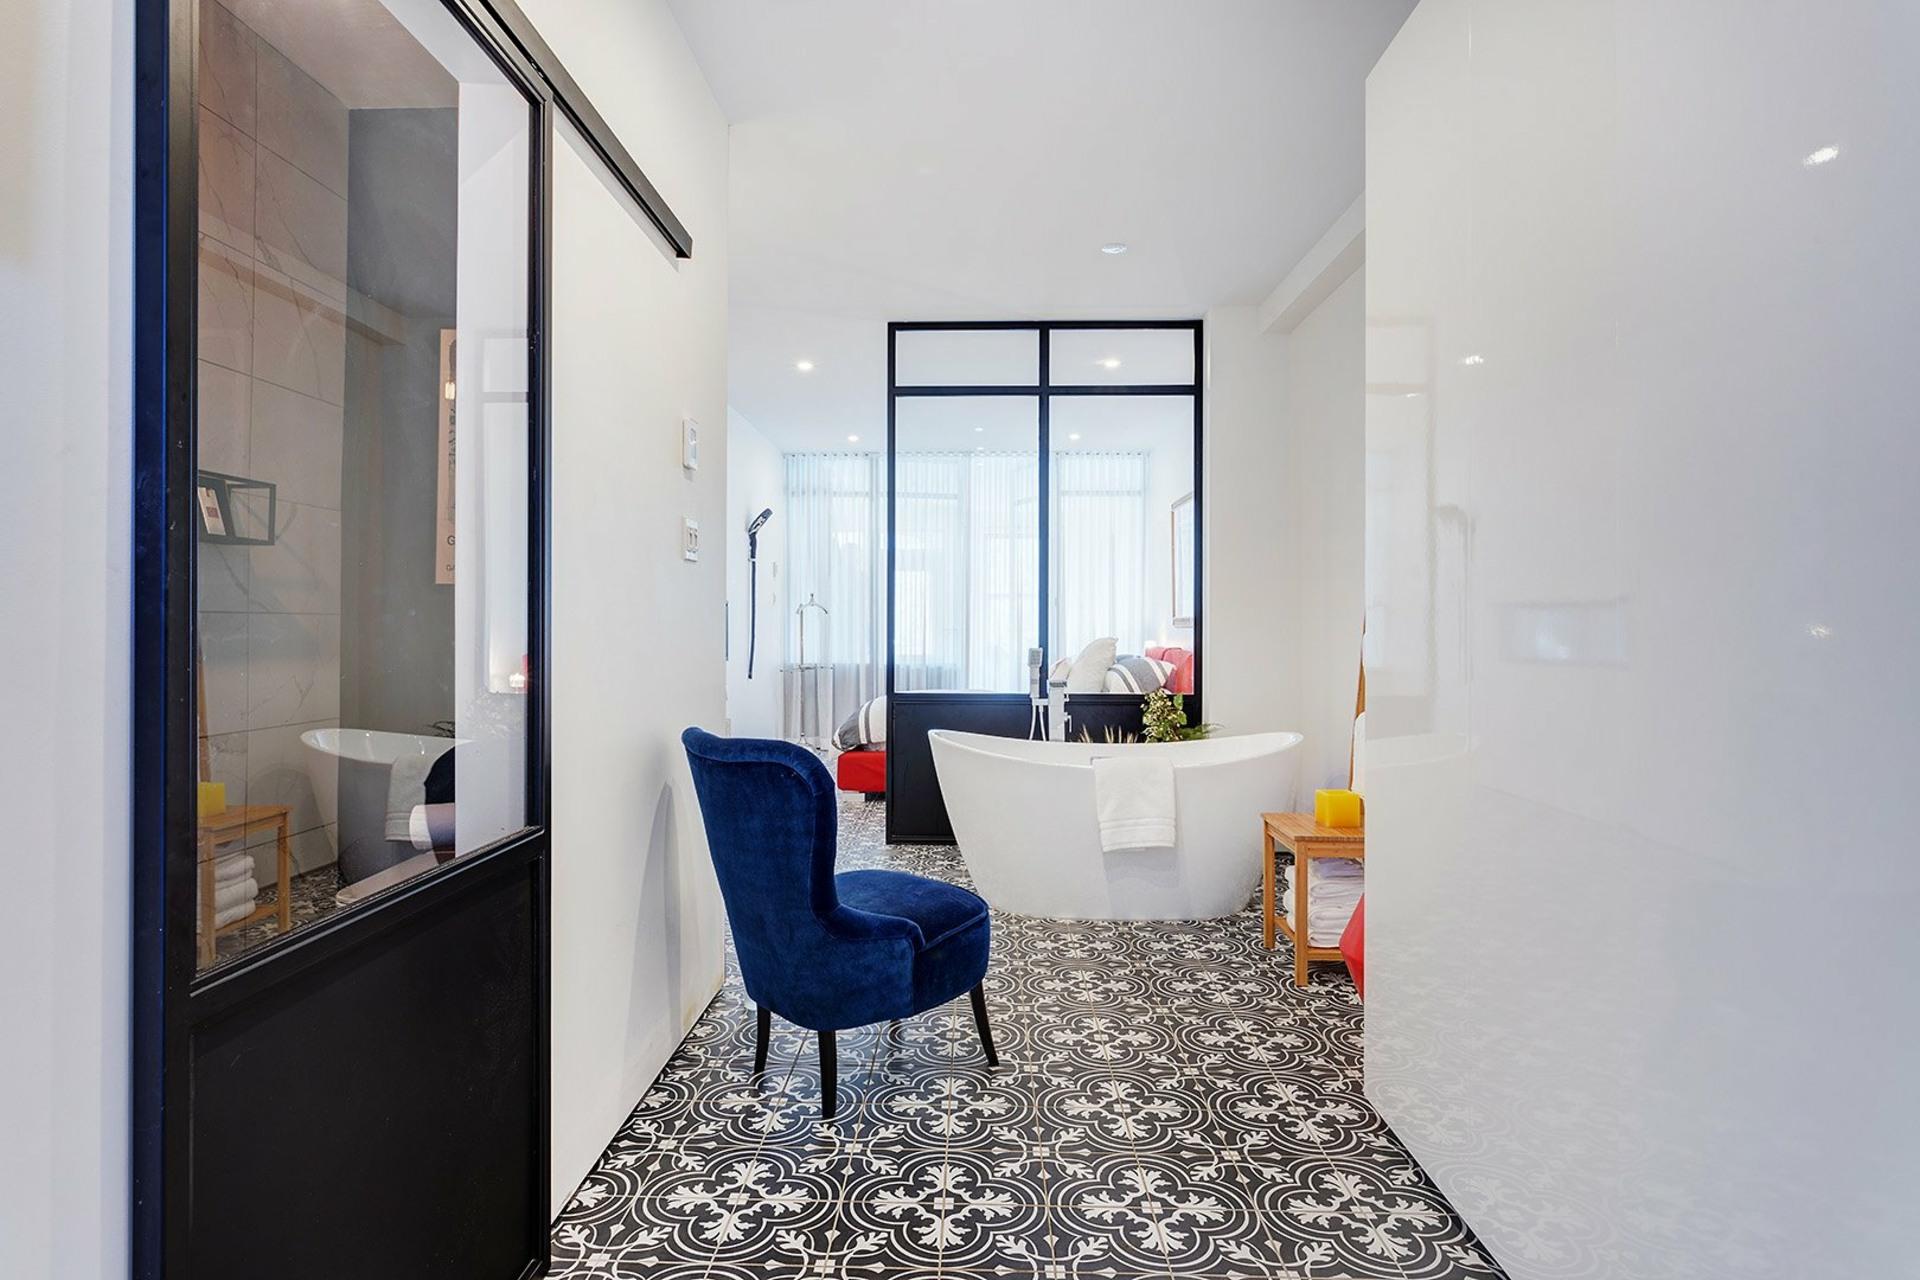 image 8 - Appartement À vendre Rosemont/La Petite-Patrie Montréal  - 13 pièces